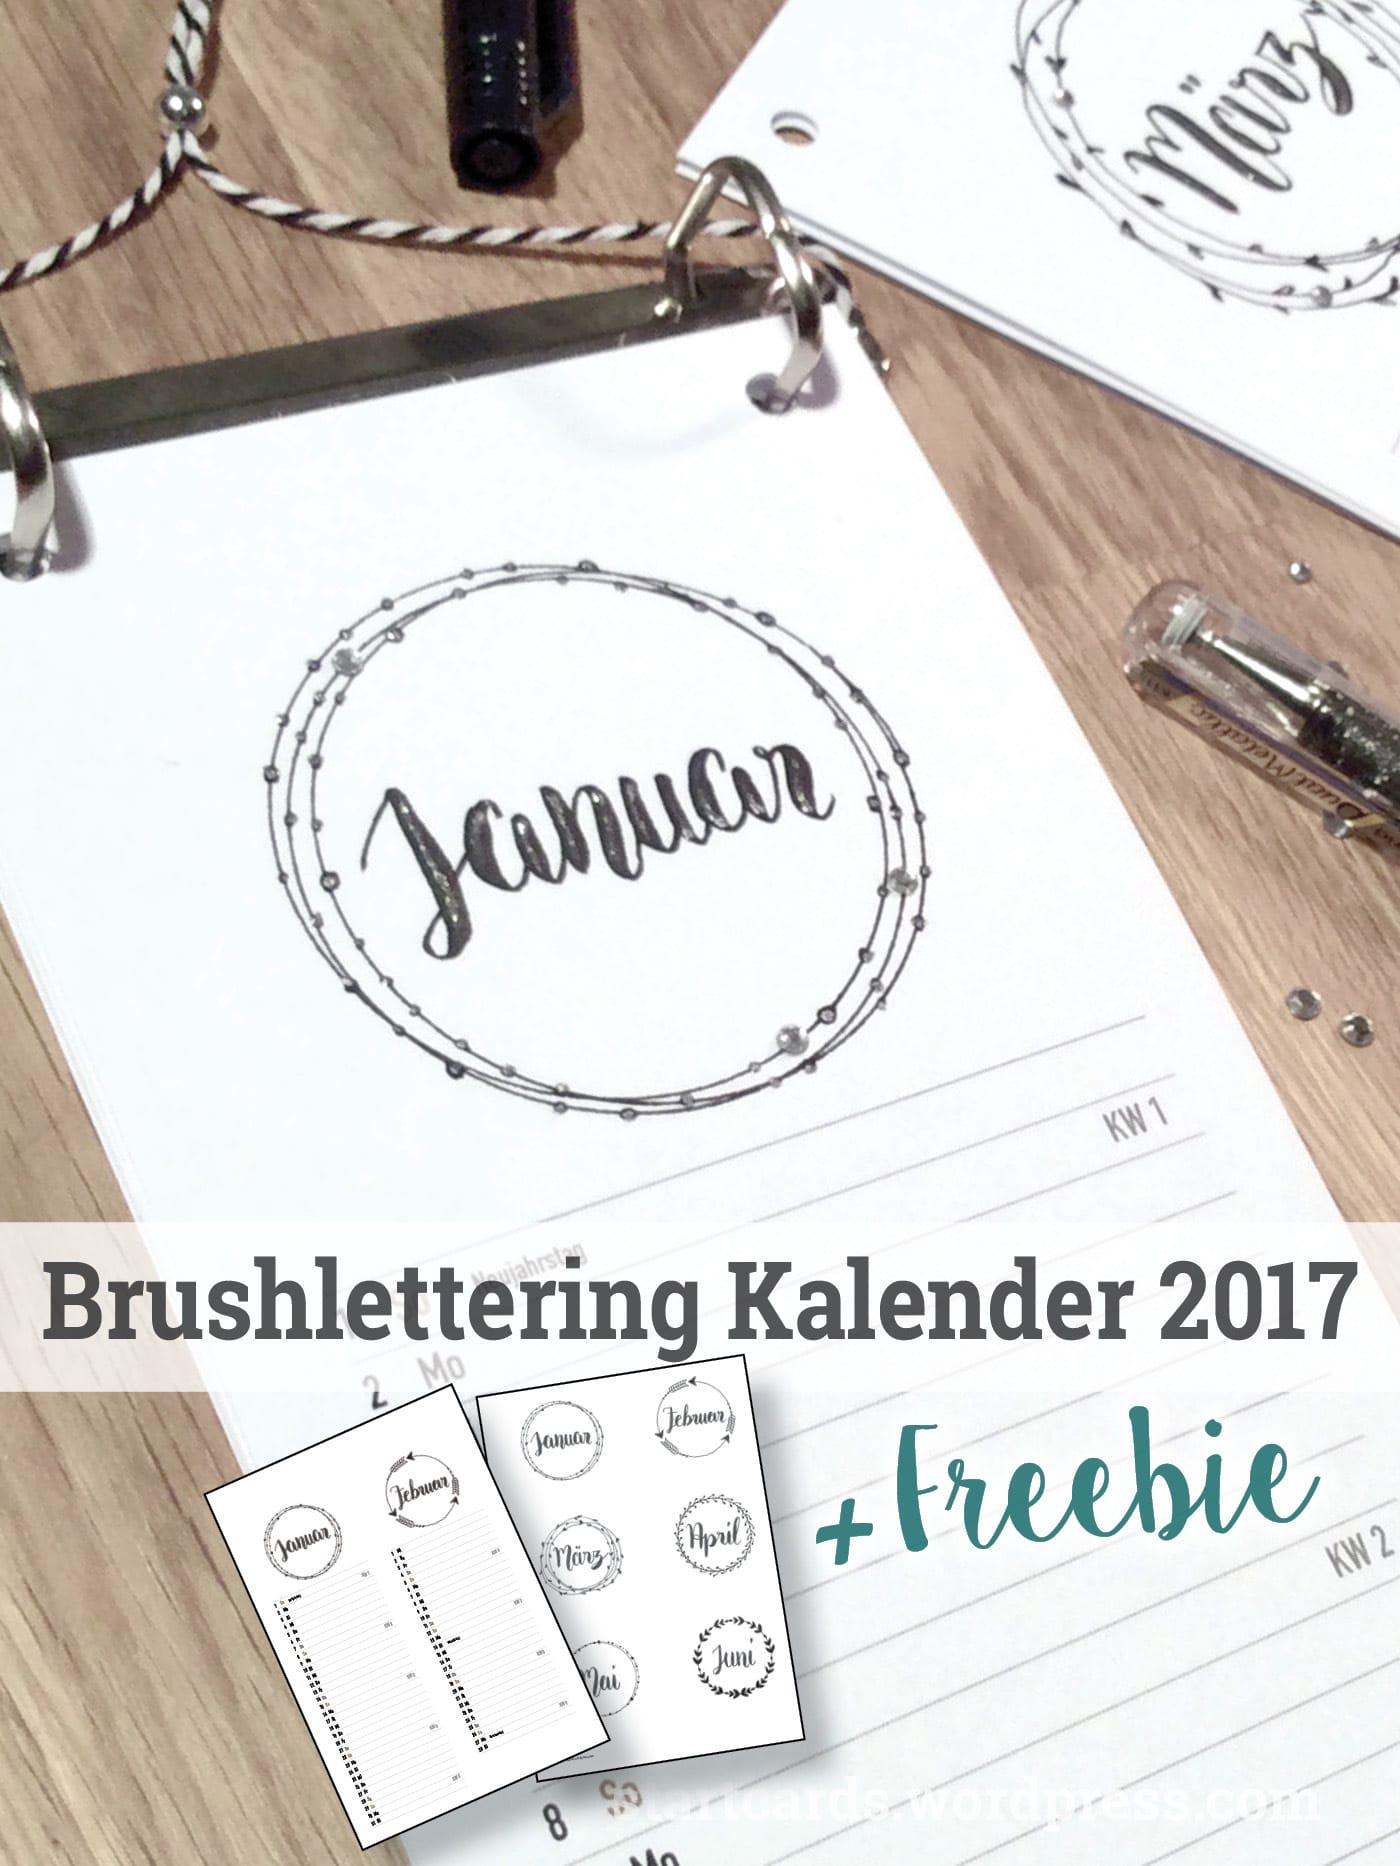 Diy Brushlettering Kalender 2017 Handmade Kultur